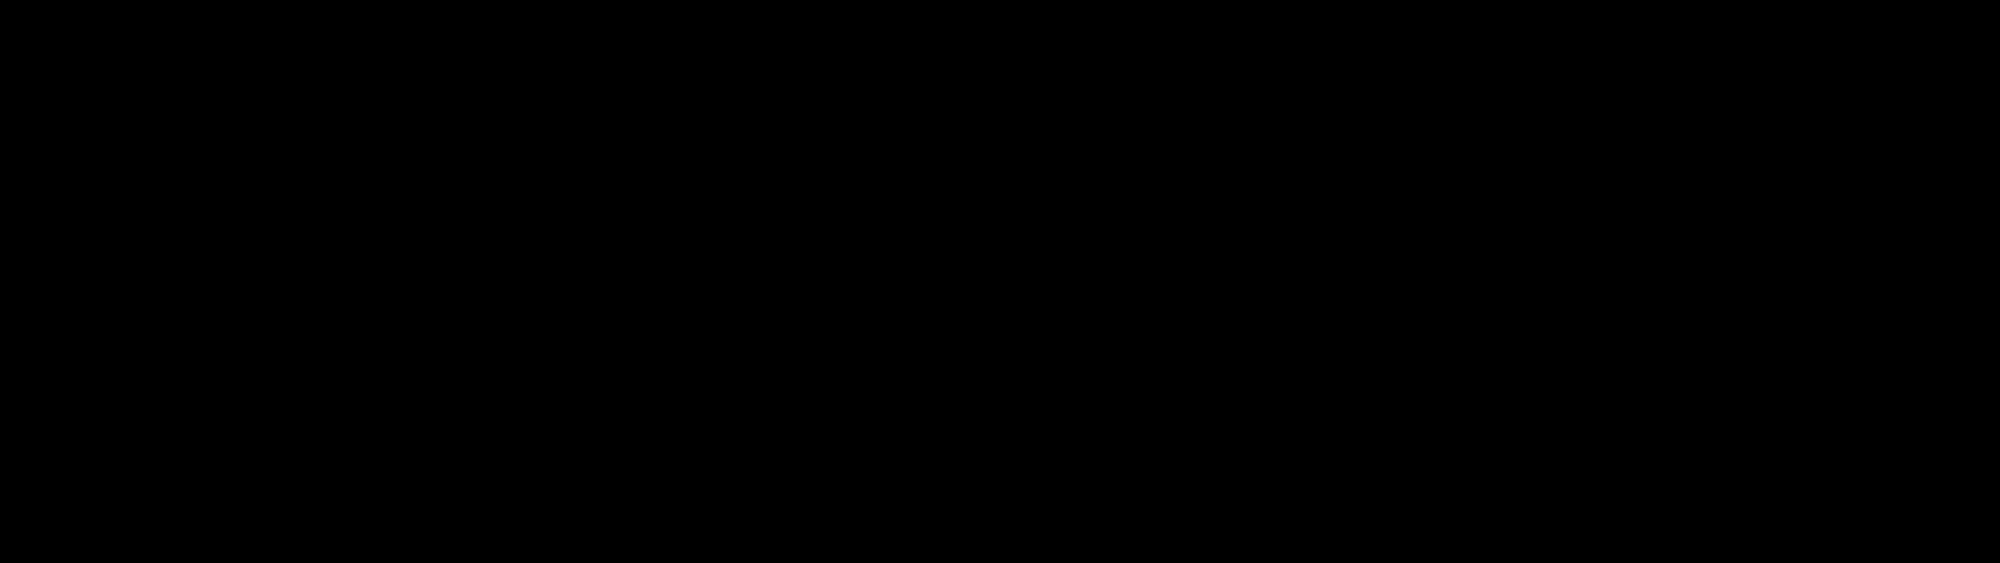 5ae24cf525a77.png